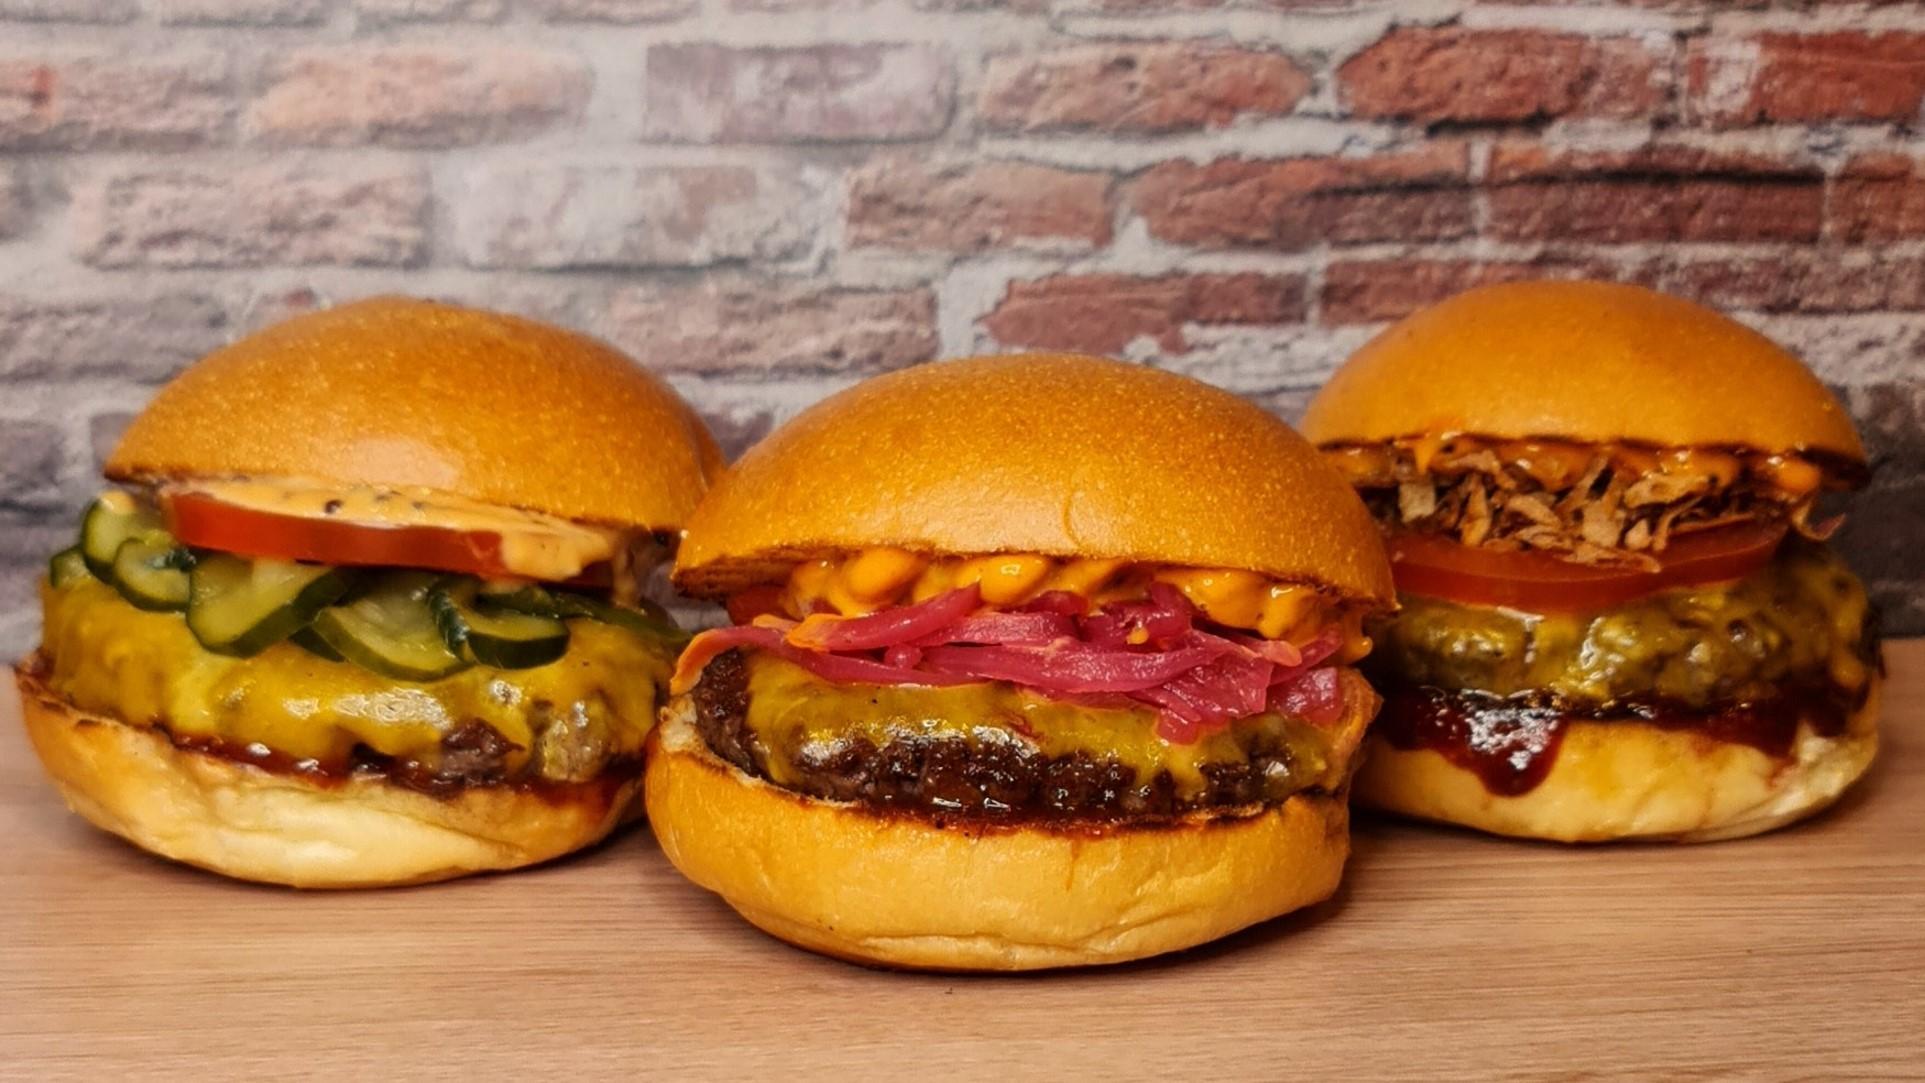 Tigaroti Halal Gourmet Burgers Woodlands